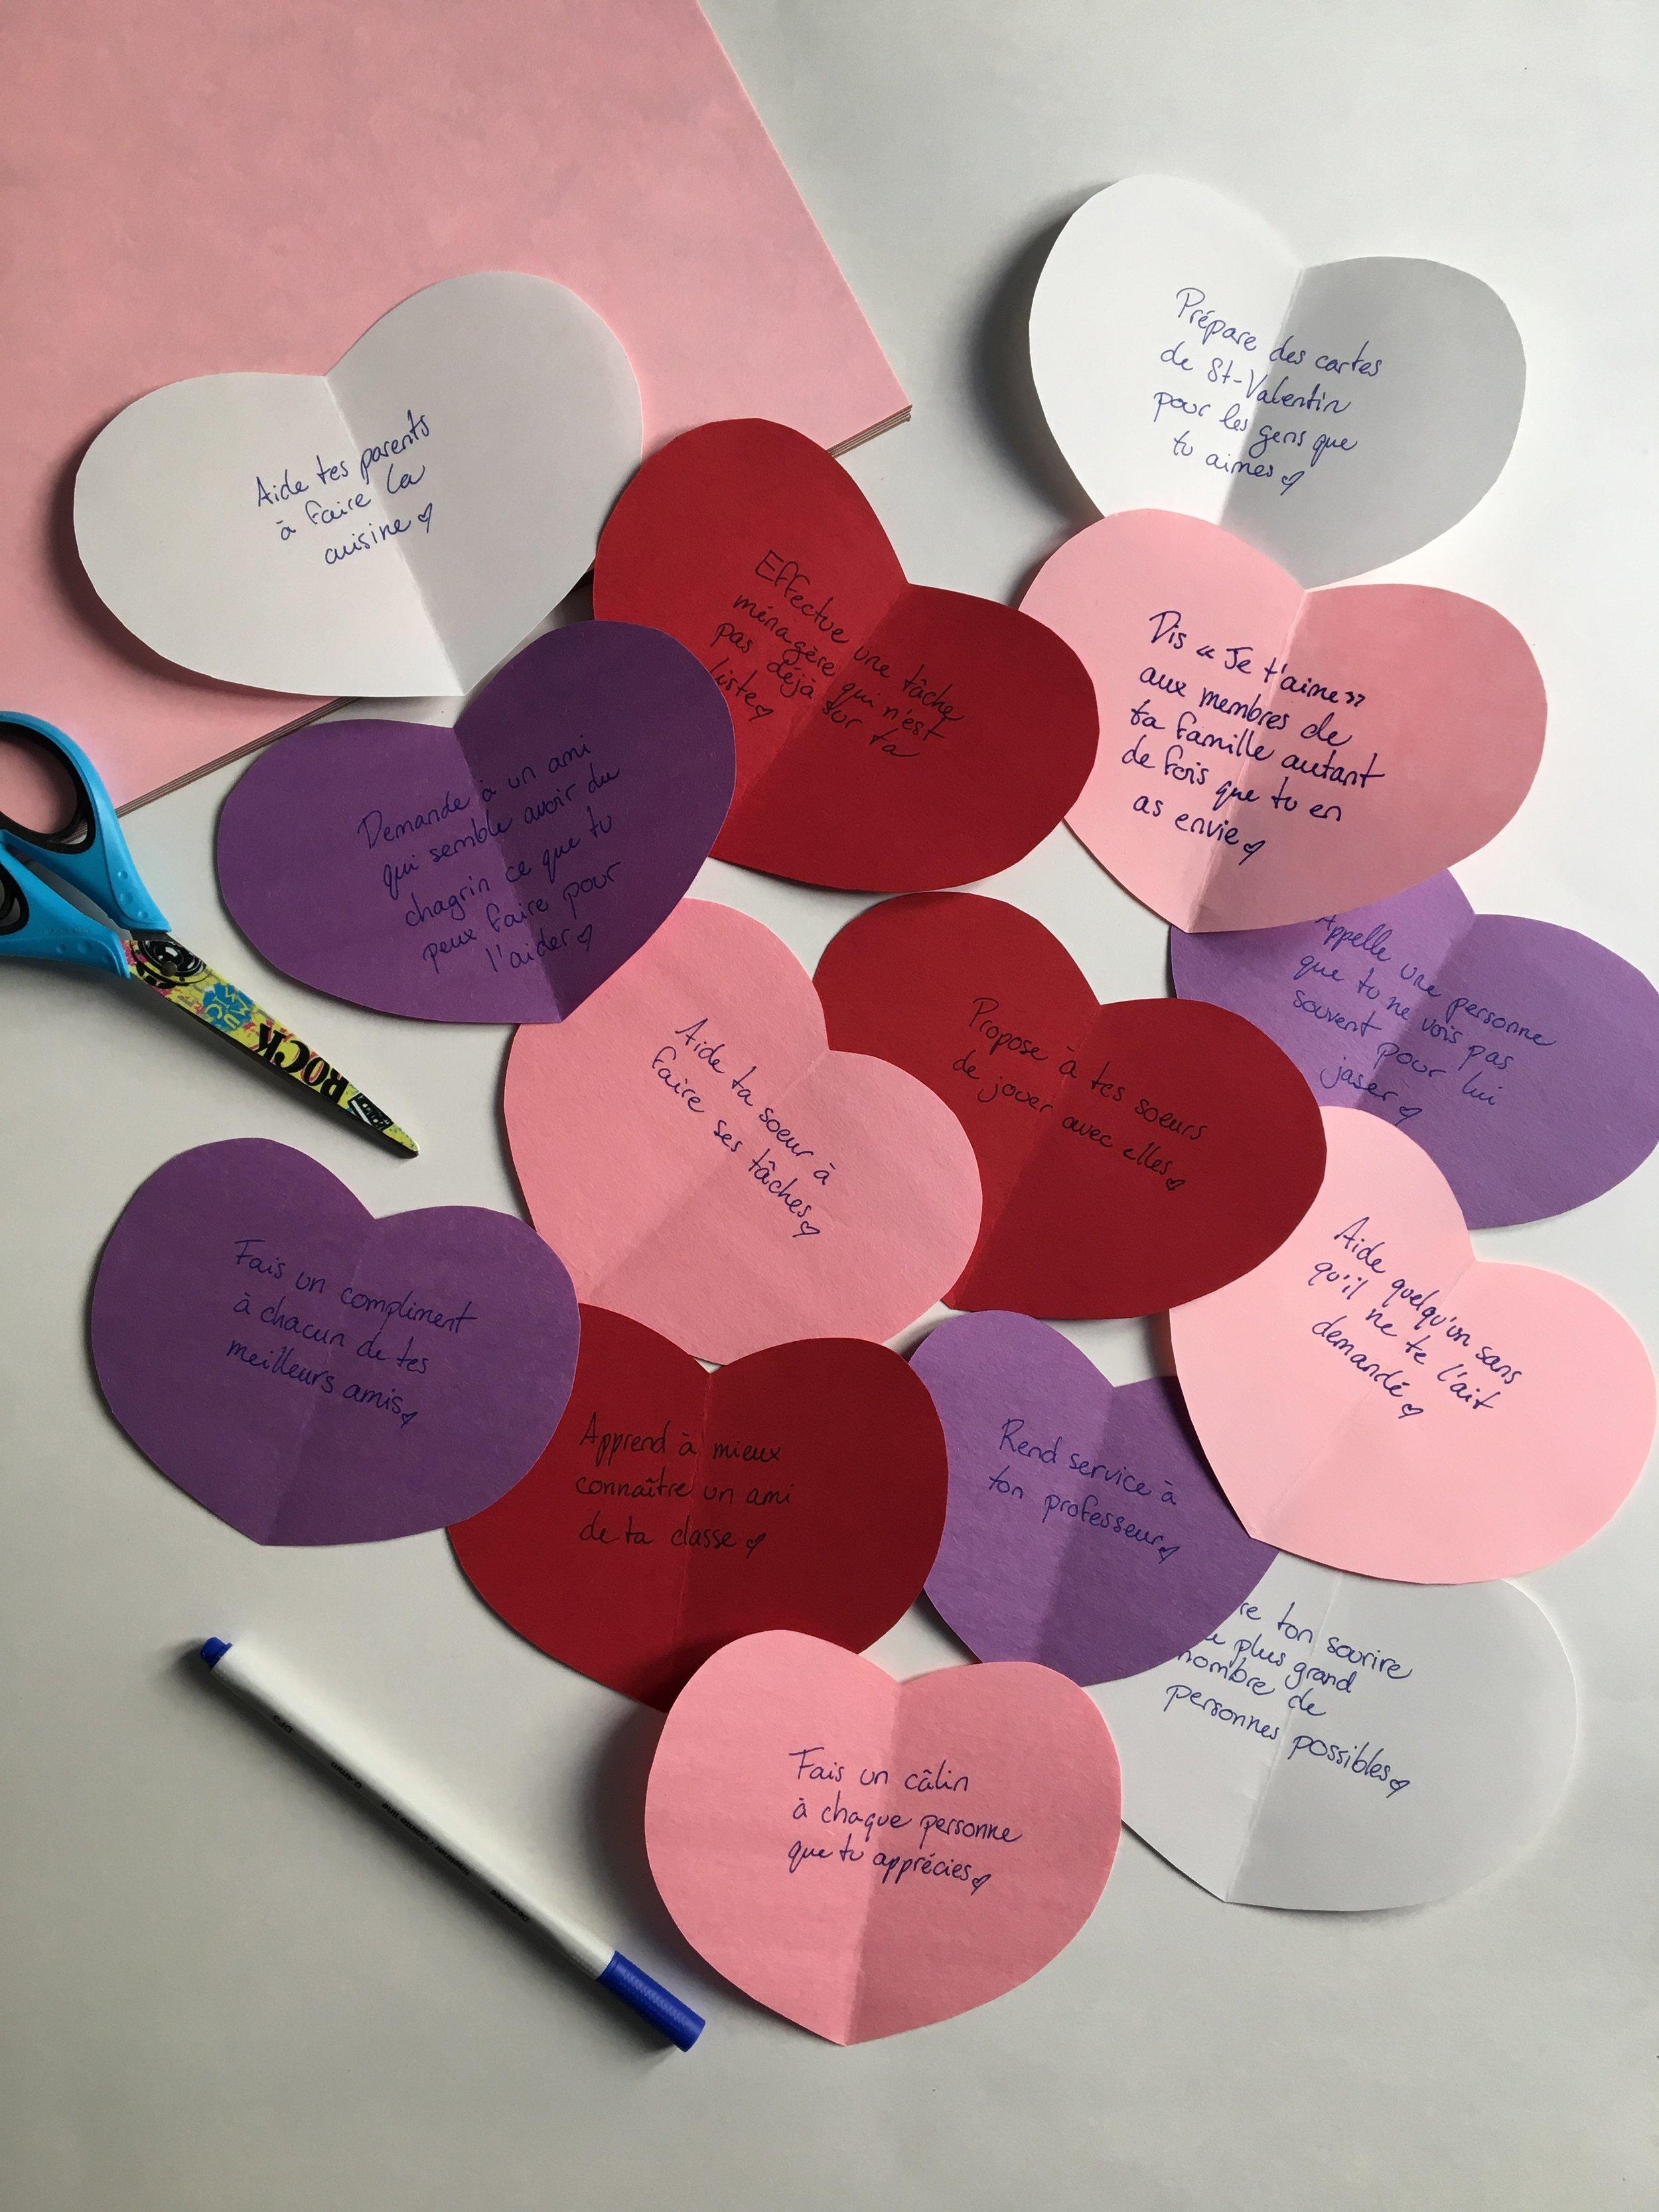 Saint Valentin-défi pour les enfants- décompte vers la Saint Valentin-Fêter la Saint Valentin-fêter autrement-gentillesses-actions gentilles-bonnes actions- MamanBricole-#MamanBricole-Je suis une maman